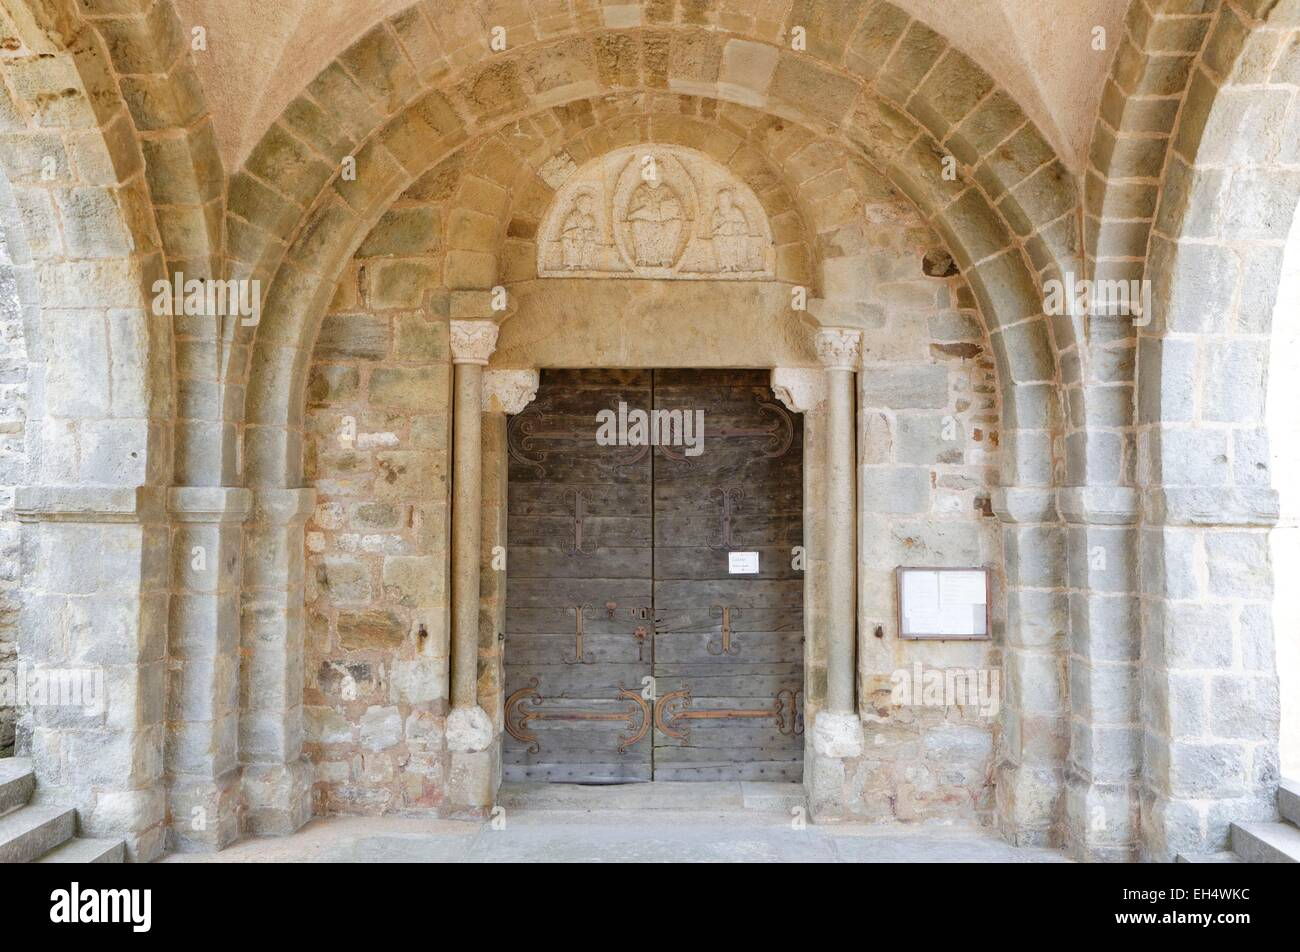 France, Saone et Loire, Mont Saint Vincent, porch of the church, 12th century - Stock Image